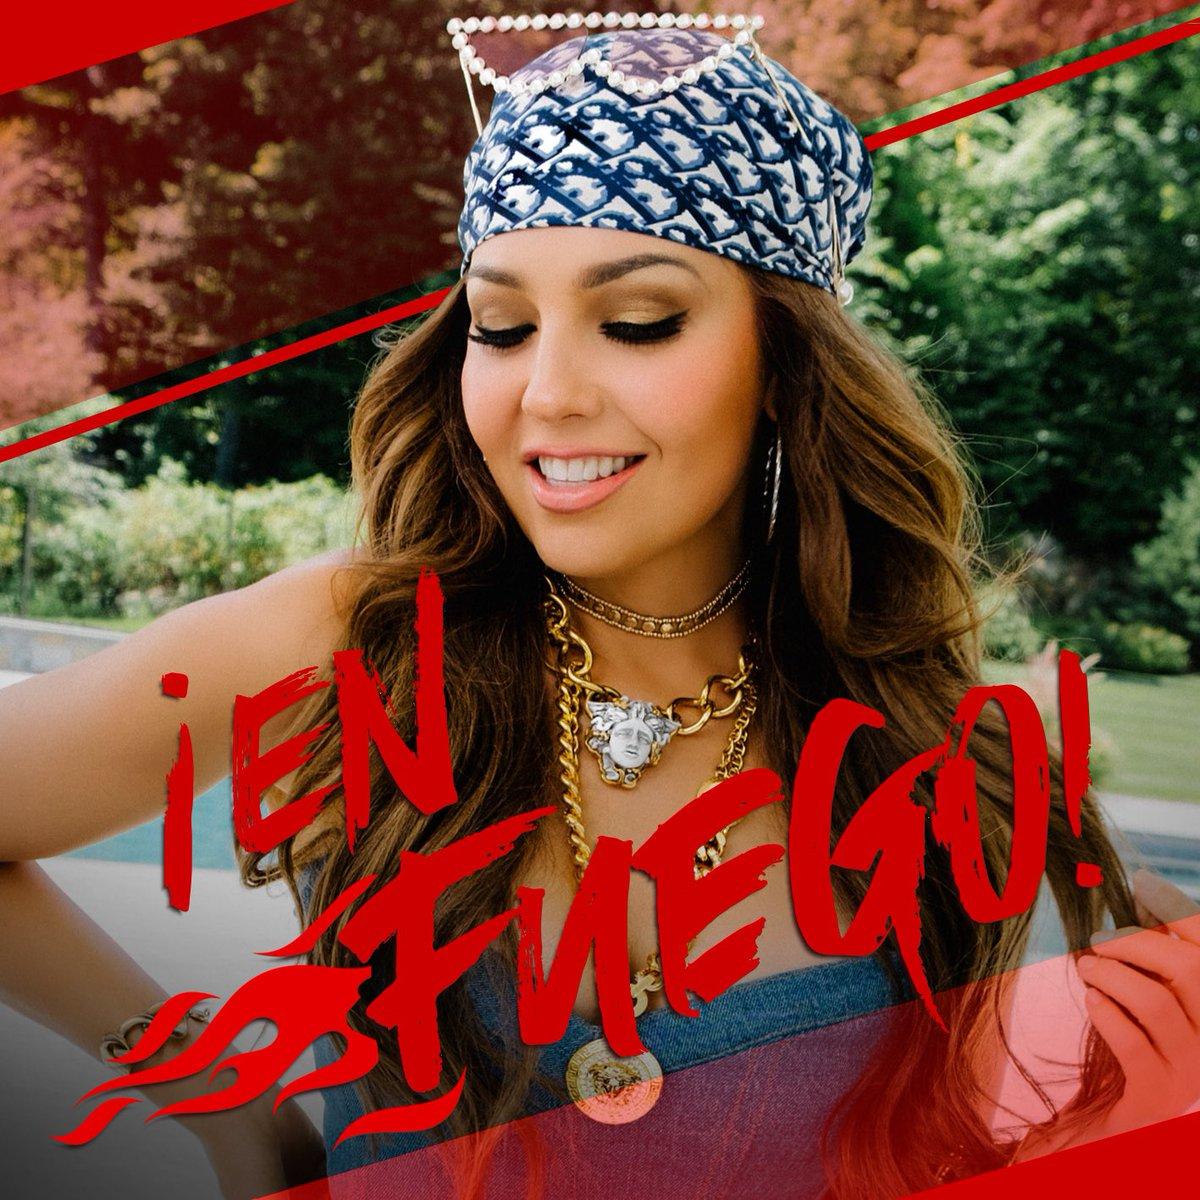 ¡Les hice este playlist en #Spotify con canciones para un fin de semana caliente! 🔥🔥🔥 #EnFuego ➡️